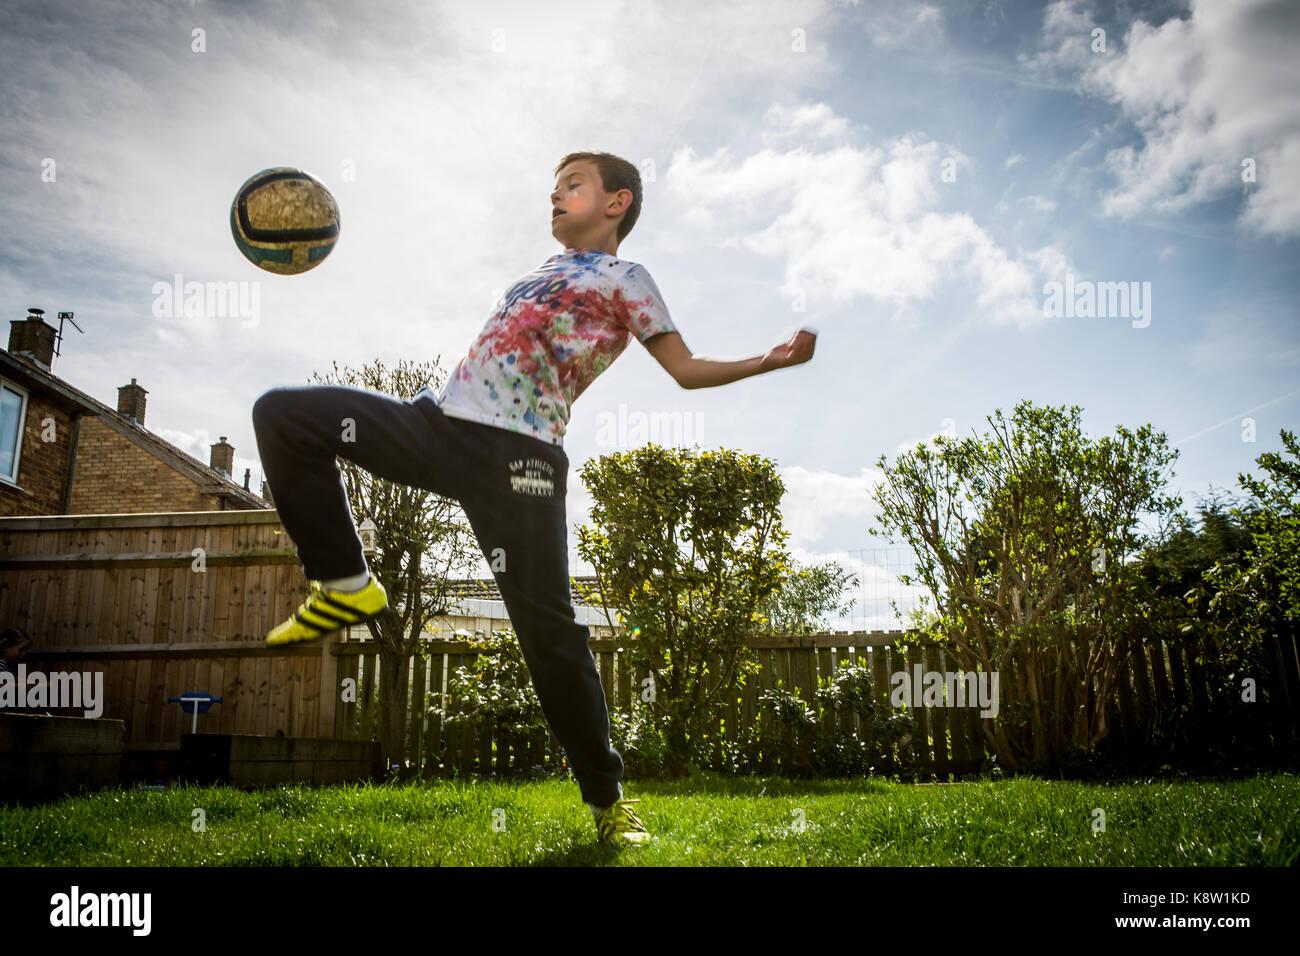 Chico jugando al fútbol en casa Foto de stock